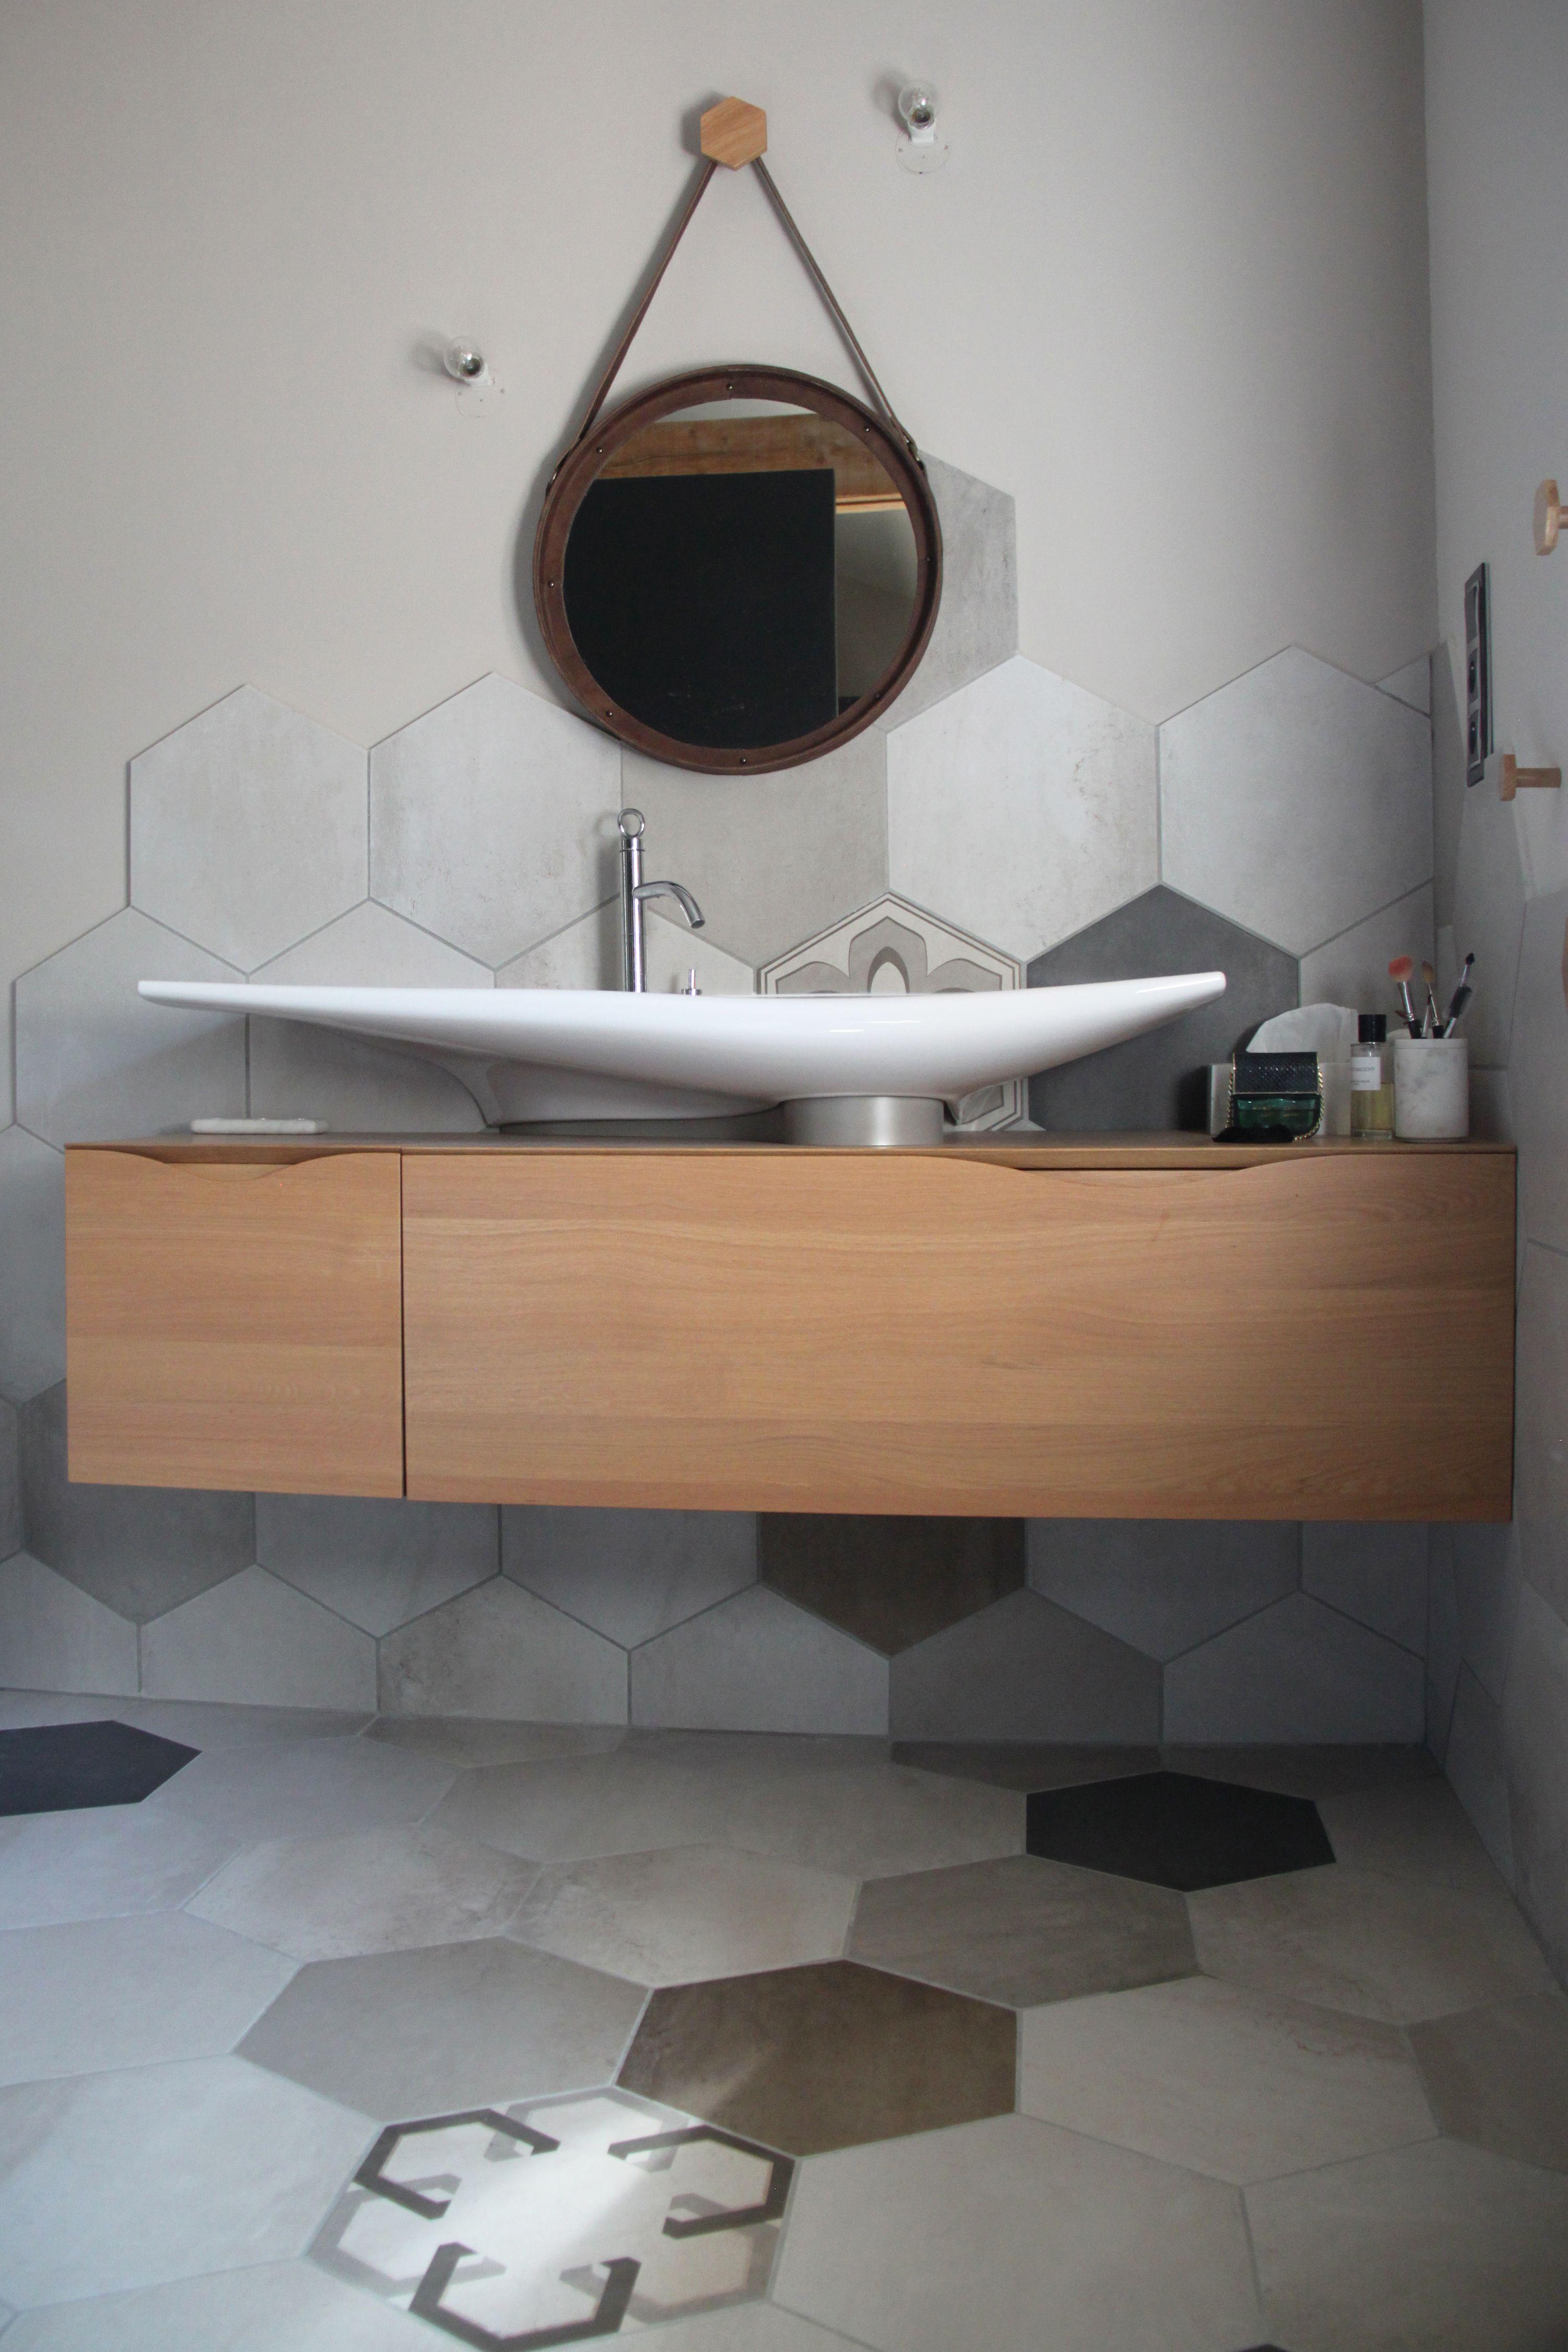 Une salle de bain avec une grande vasque design et épurée sur un ...